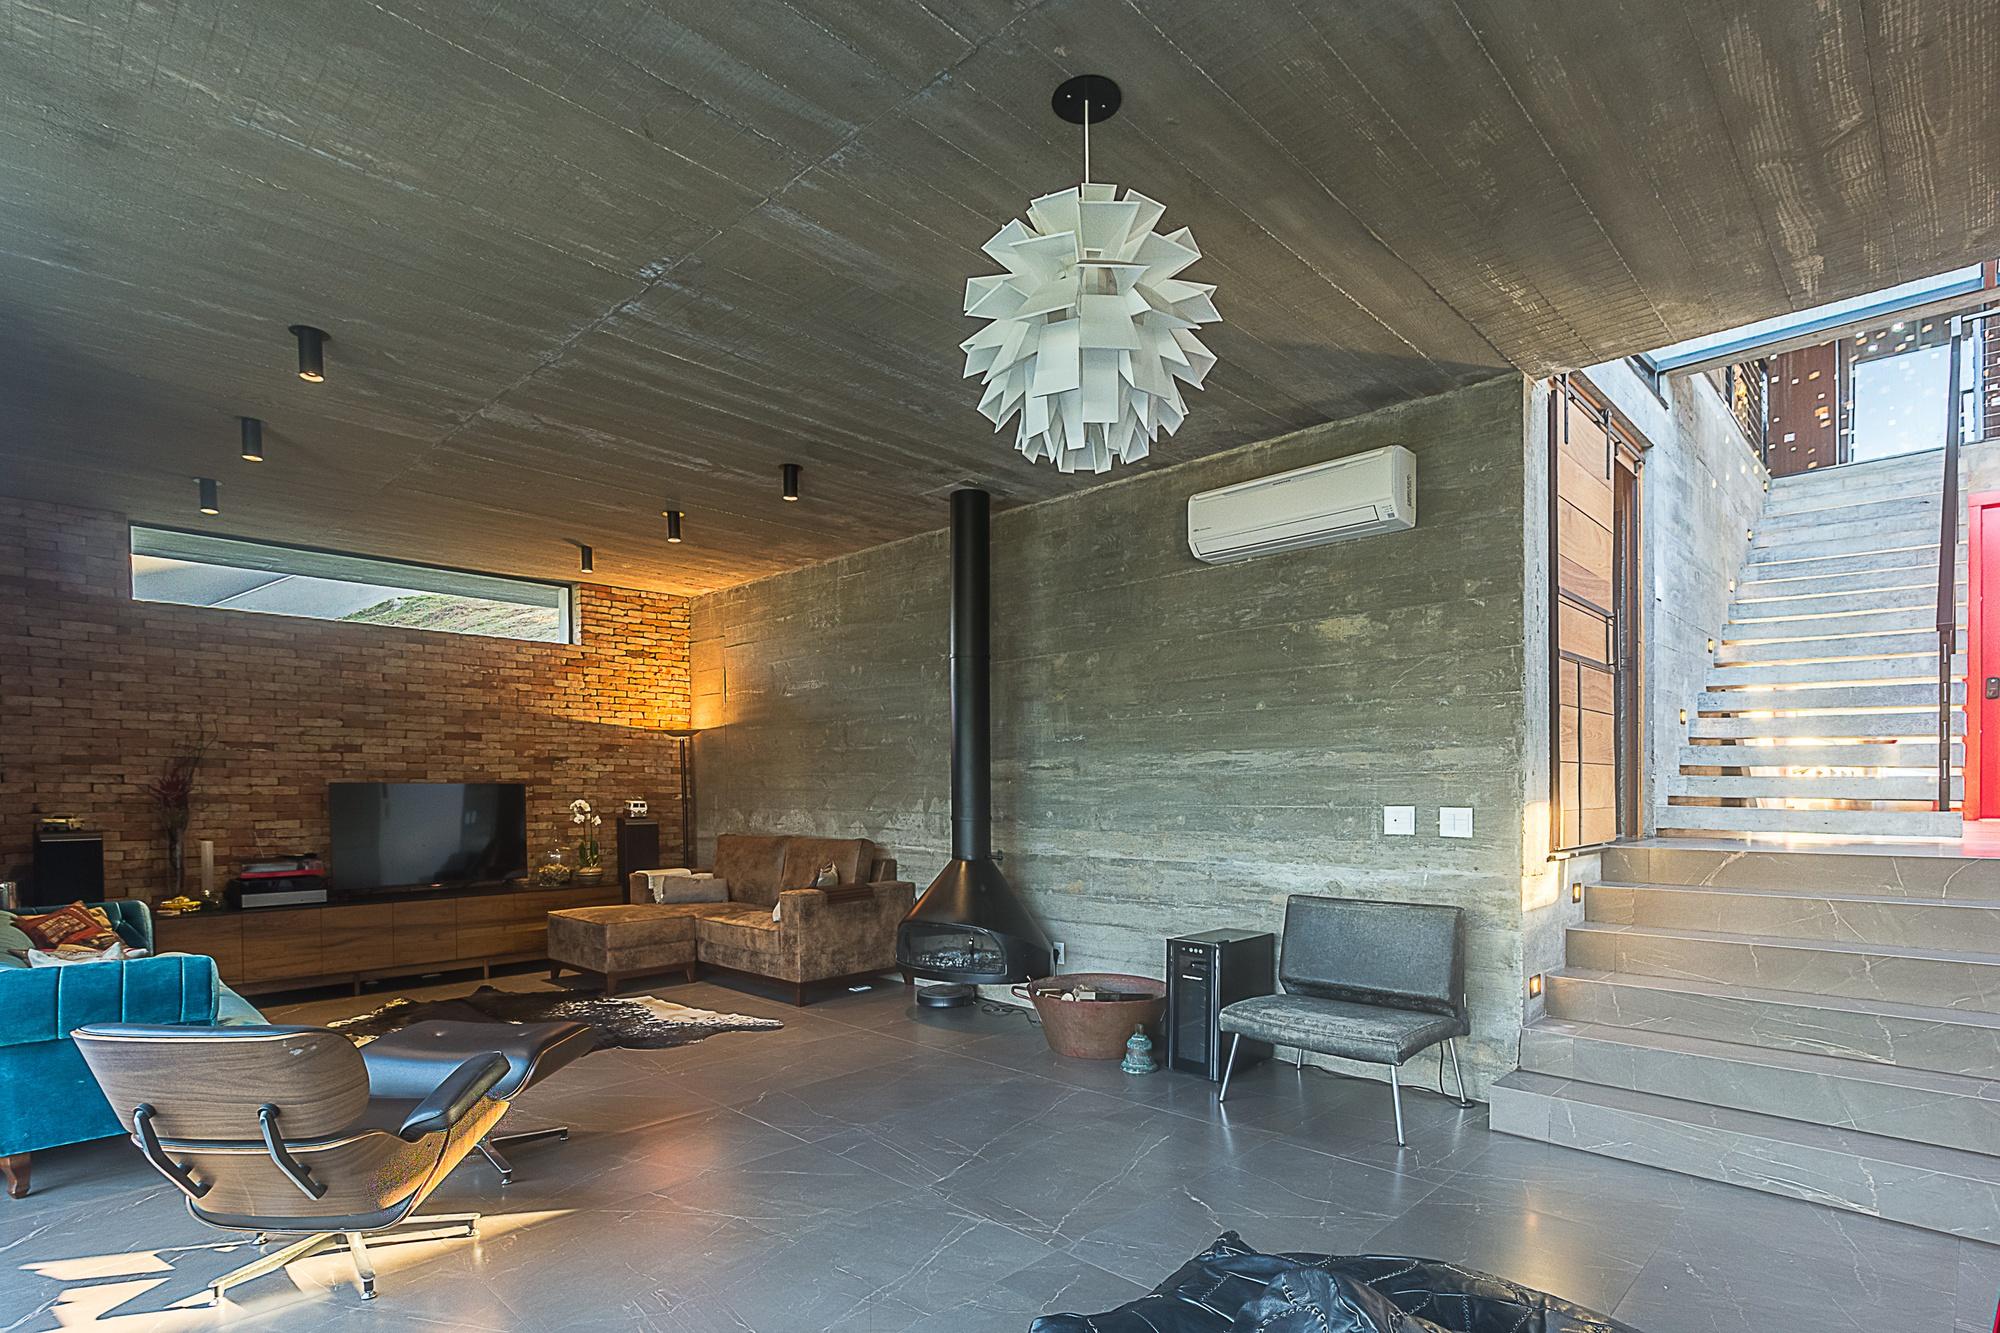 Moderní domy zevnitř